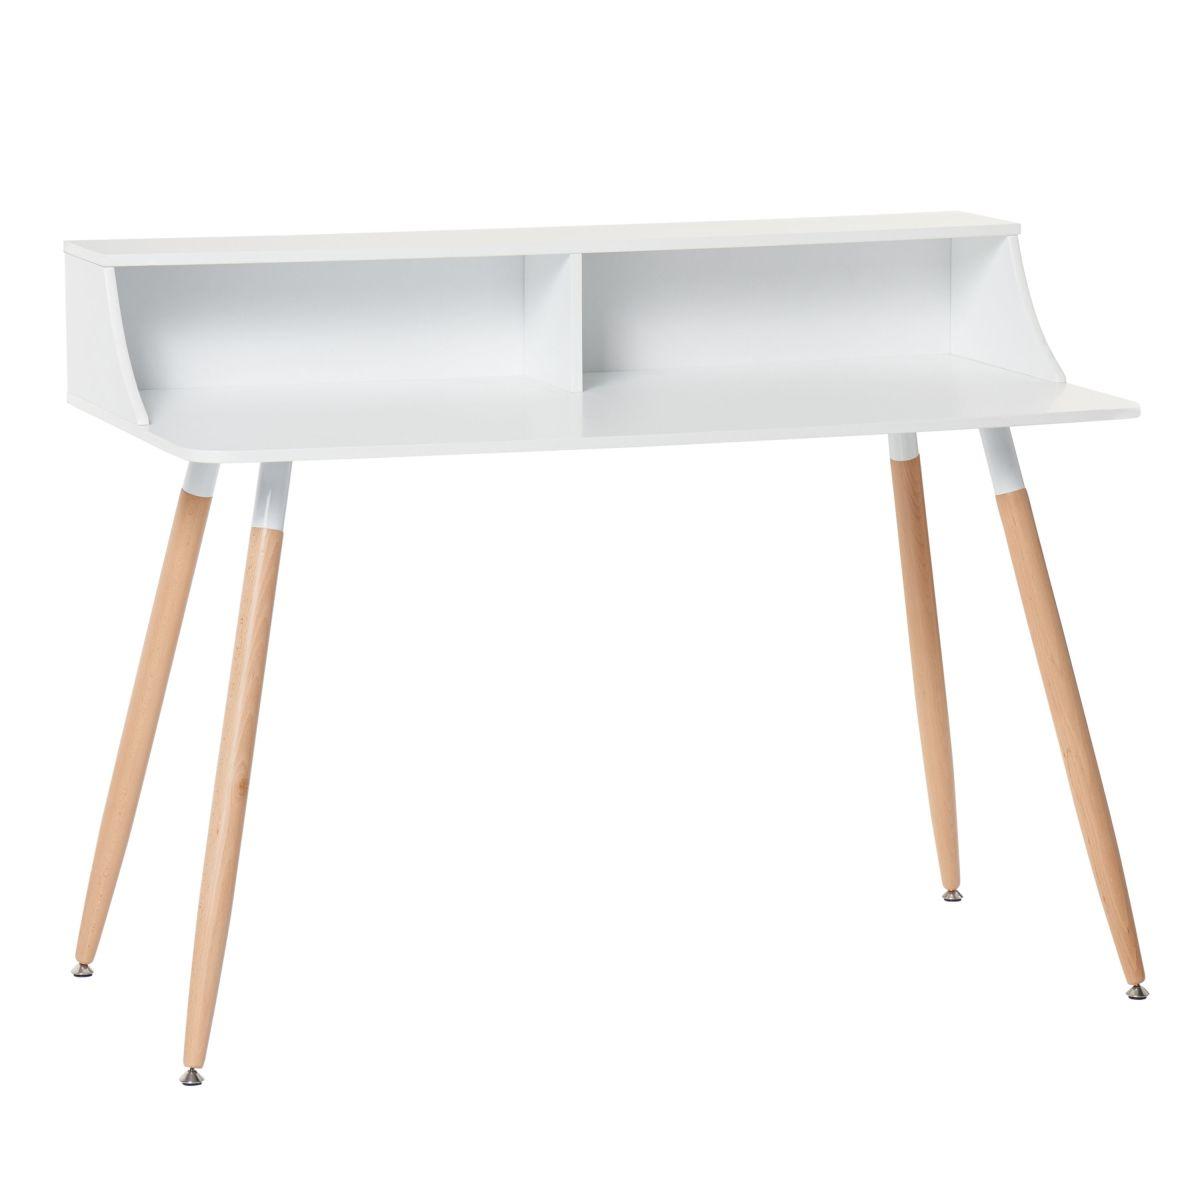 schreibtisch lorina skandinavisch g nstig schnell einkaufen. Black Bedroom Furniture Sets. Home Design Ideas